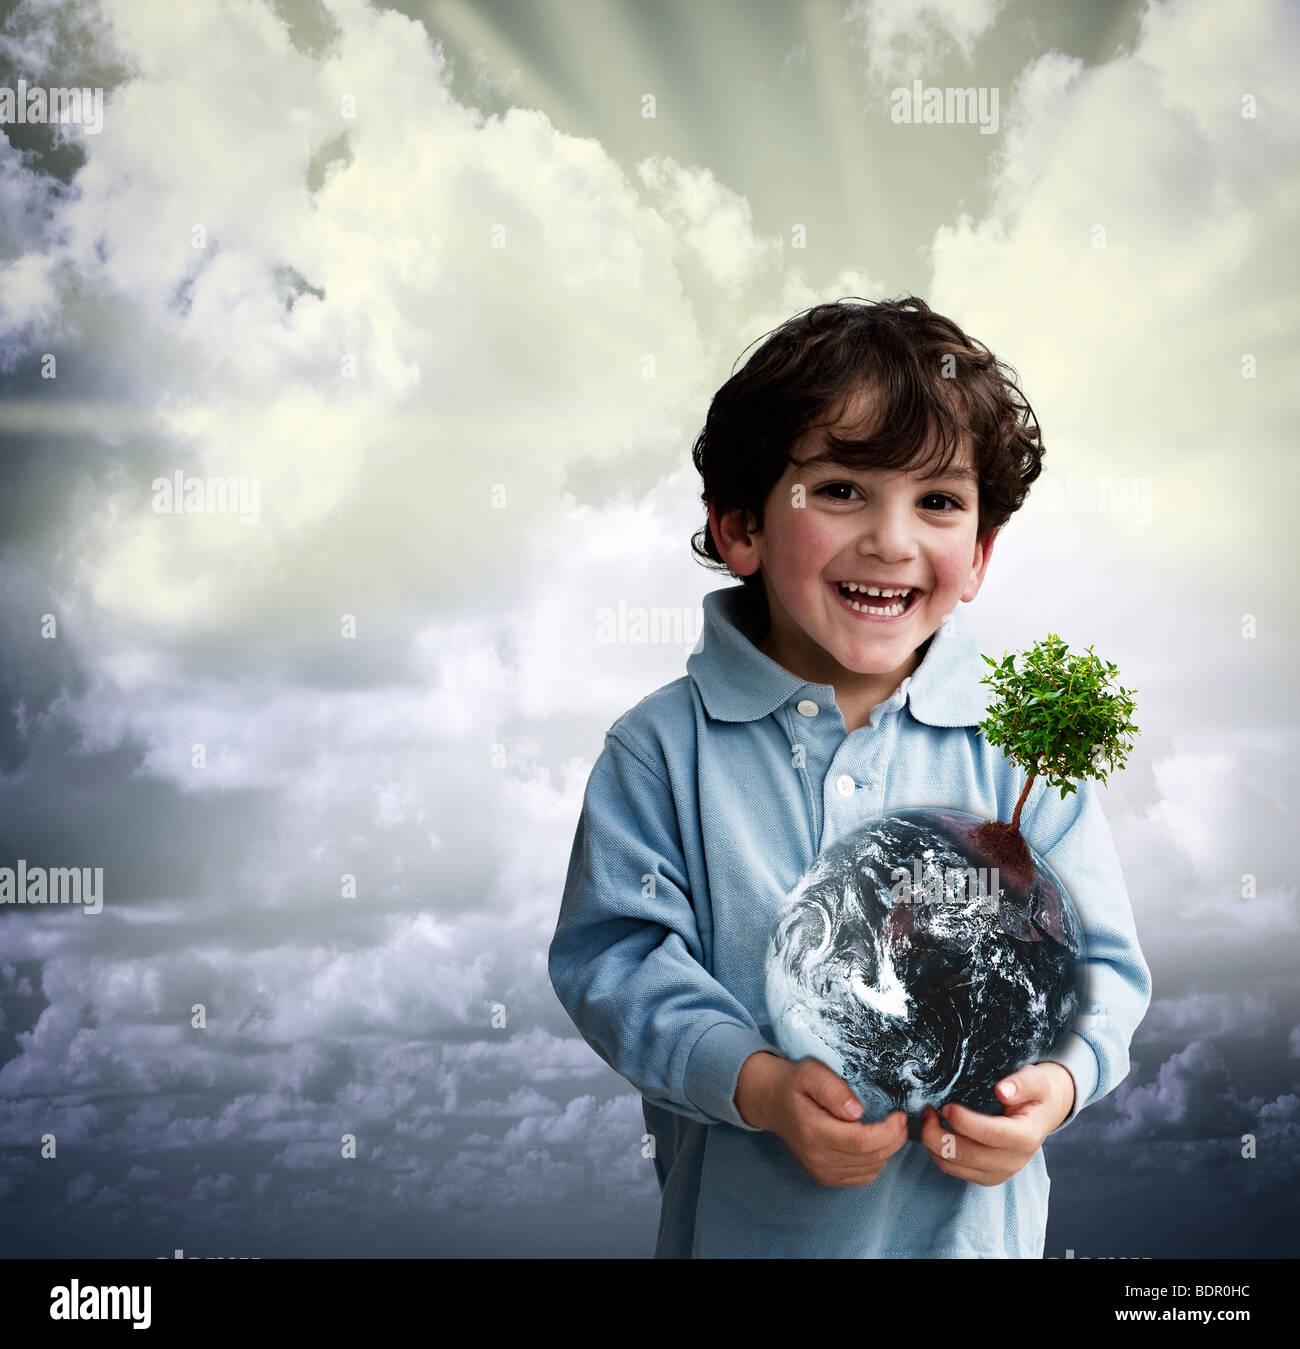 kleiner Junge die ganzen Welt mit einem Baum festhalten Stockbild